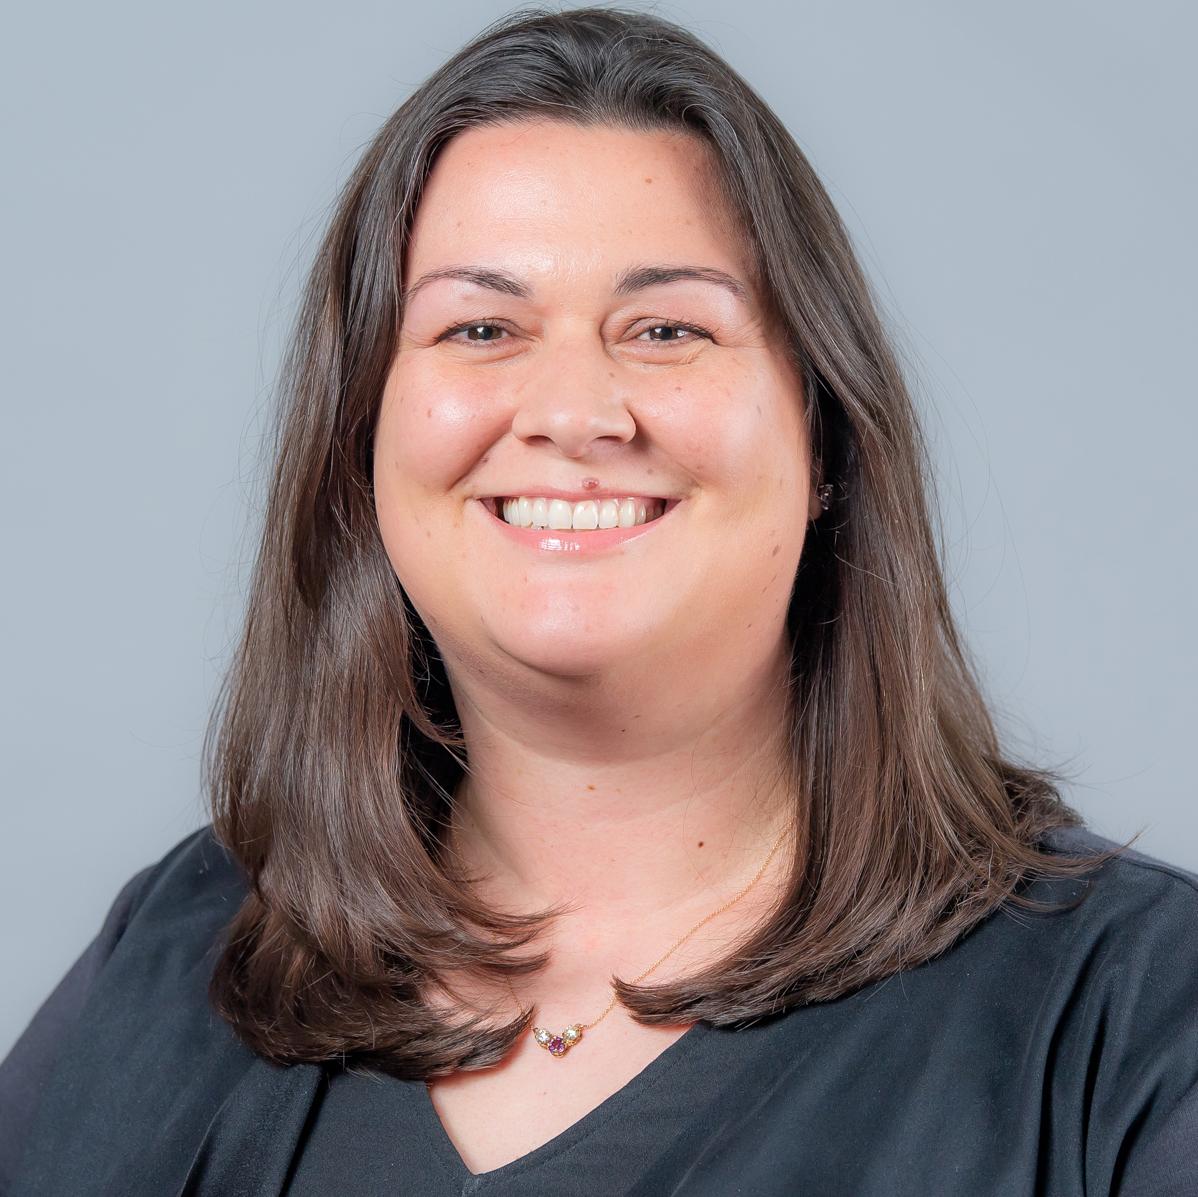 Amanda Gilpin -  - Arkansas Razorbacks